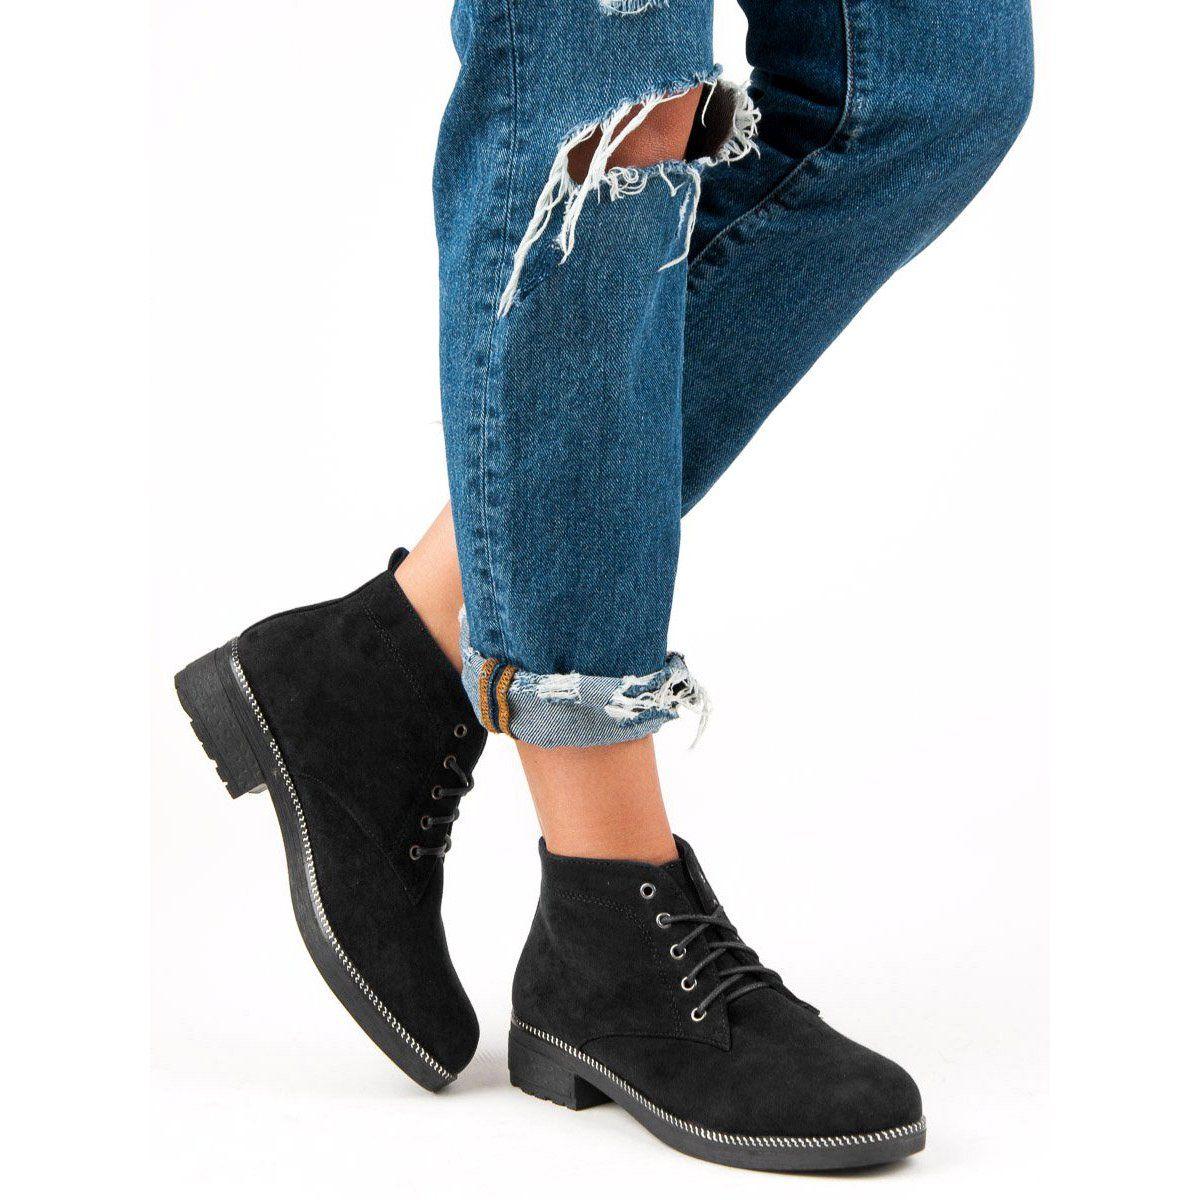 Nio Nio Sznurowane Zamszowe Botki Czarne Fashion Skinny Jeans Skinny